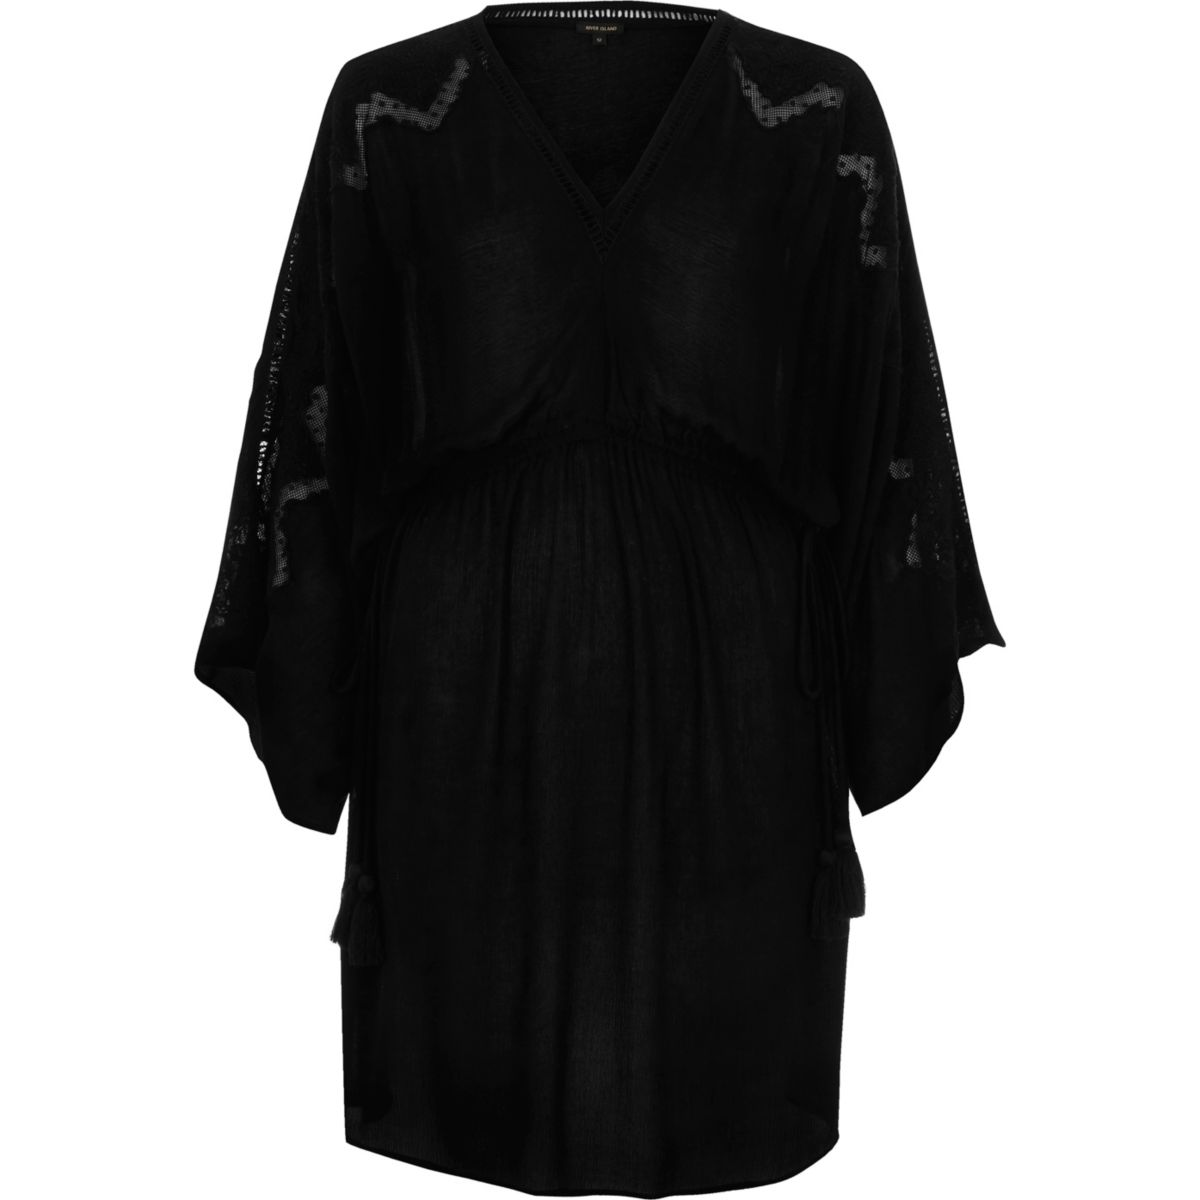 Zwarte geborduurde en getailleerde jurk met wijde mouwen